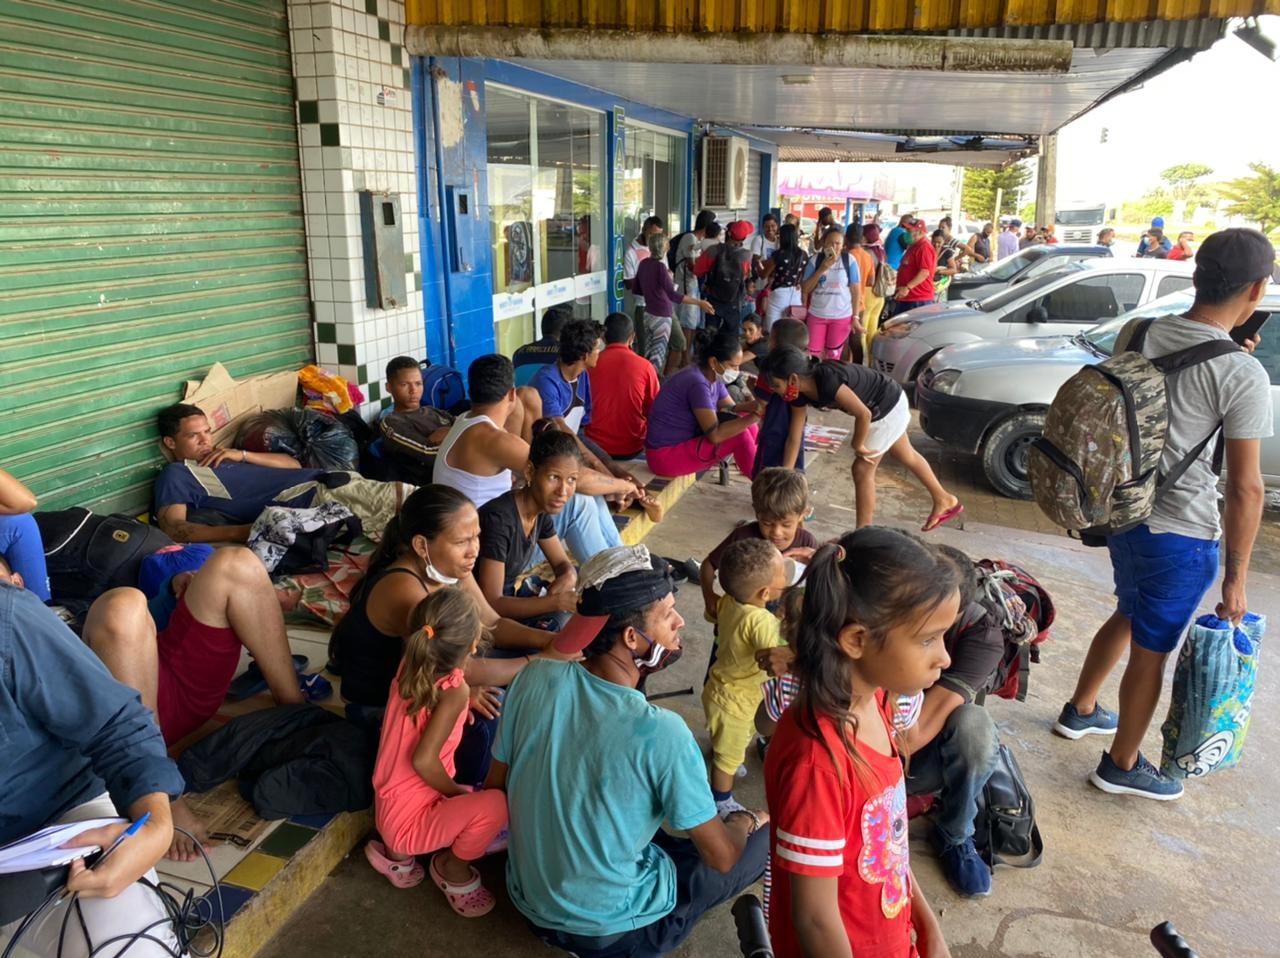 Venezuelanos passam noite nas ruas e enfrentam longas filas por regularização no Brasil; FOTOS